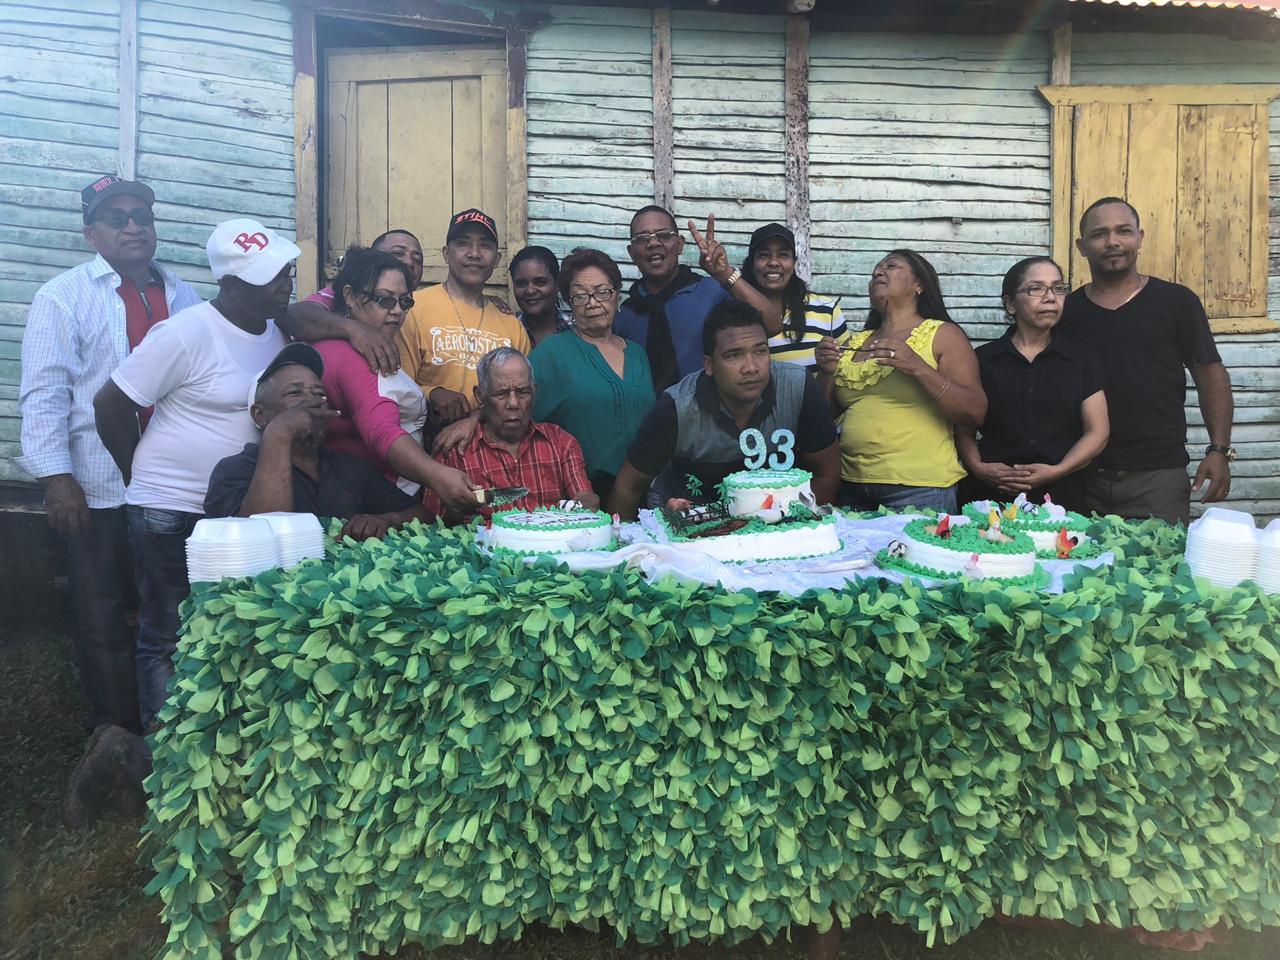 Familia Arredondo celebrando El cumpleaños de Pasión.